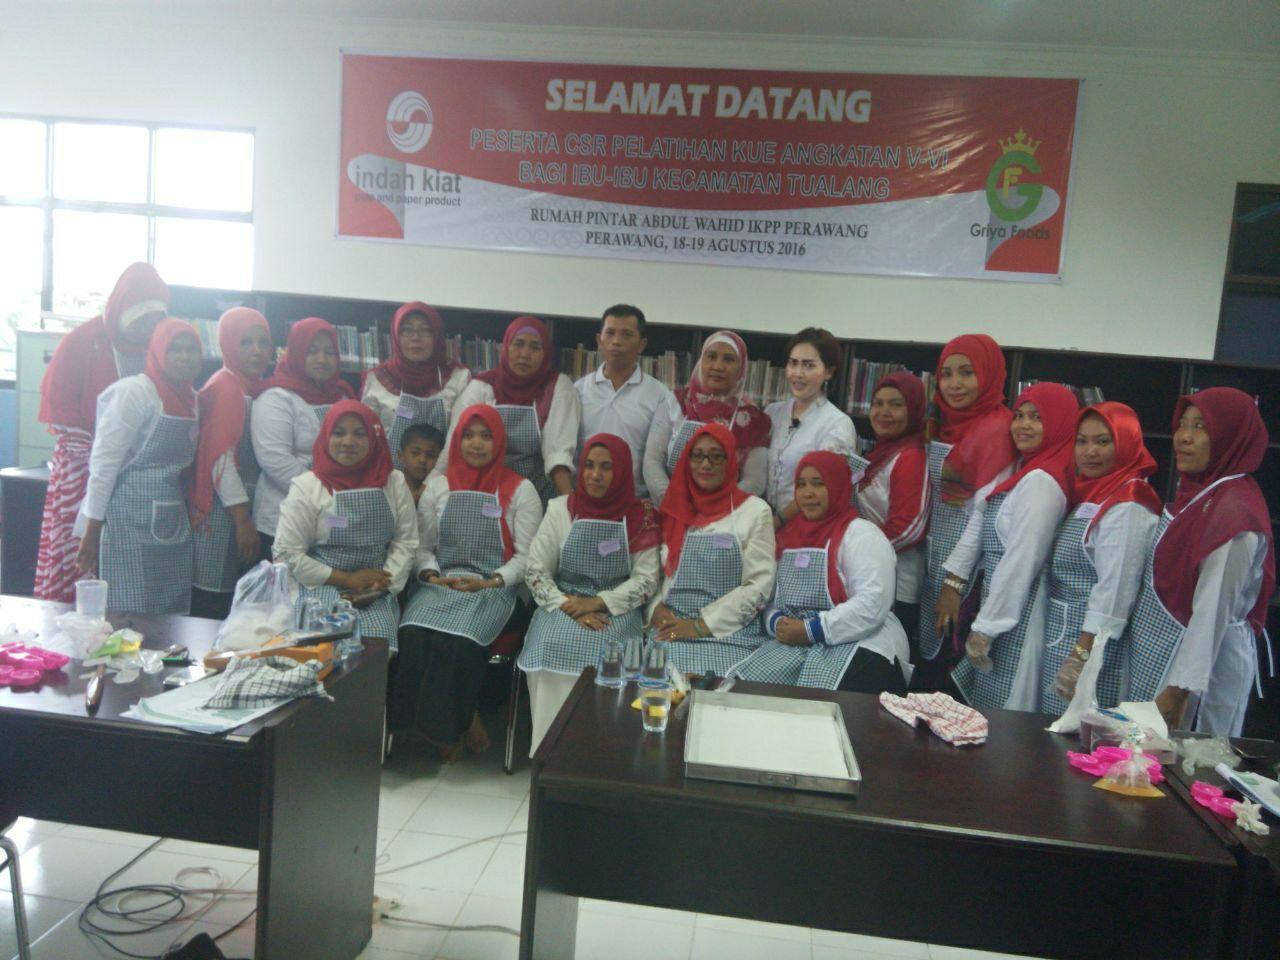 Griya Foods Pelatihan Kue Di Acara Csr Pt Indah Kiat Pulp